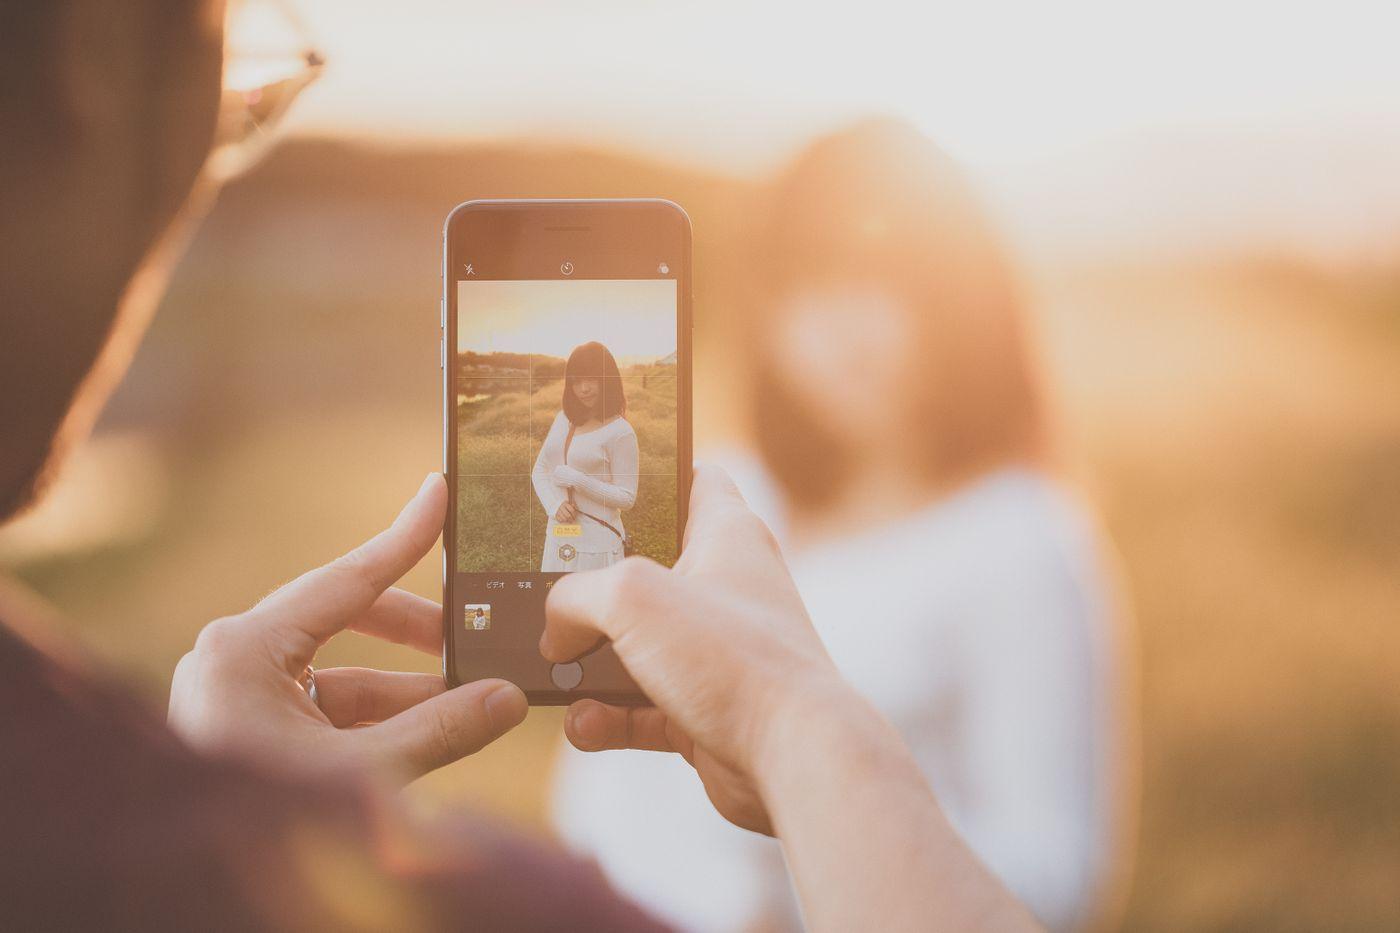 逆光の中、iPhone 8 のポートレートモードでグラドルを撮影中のブロガーの写真